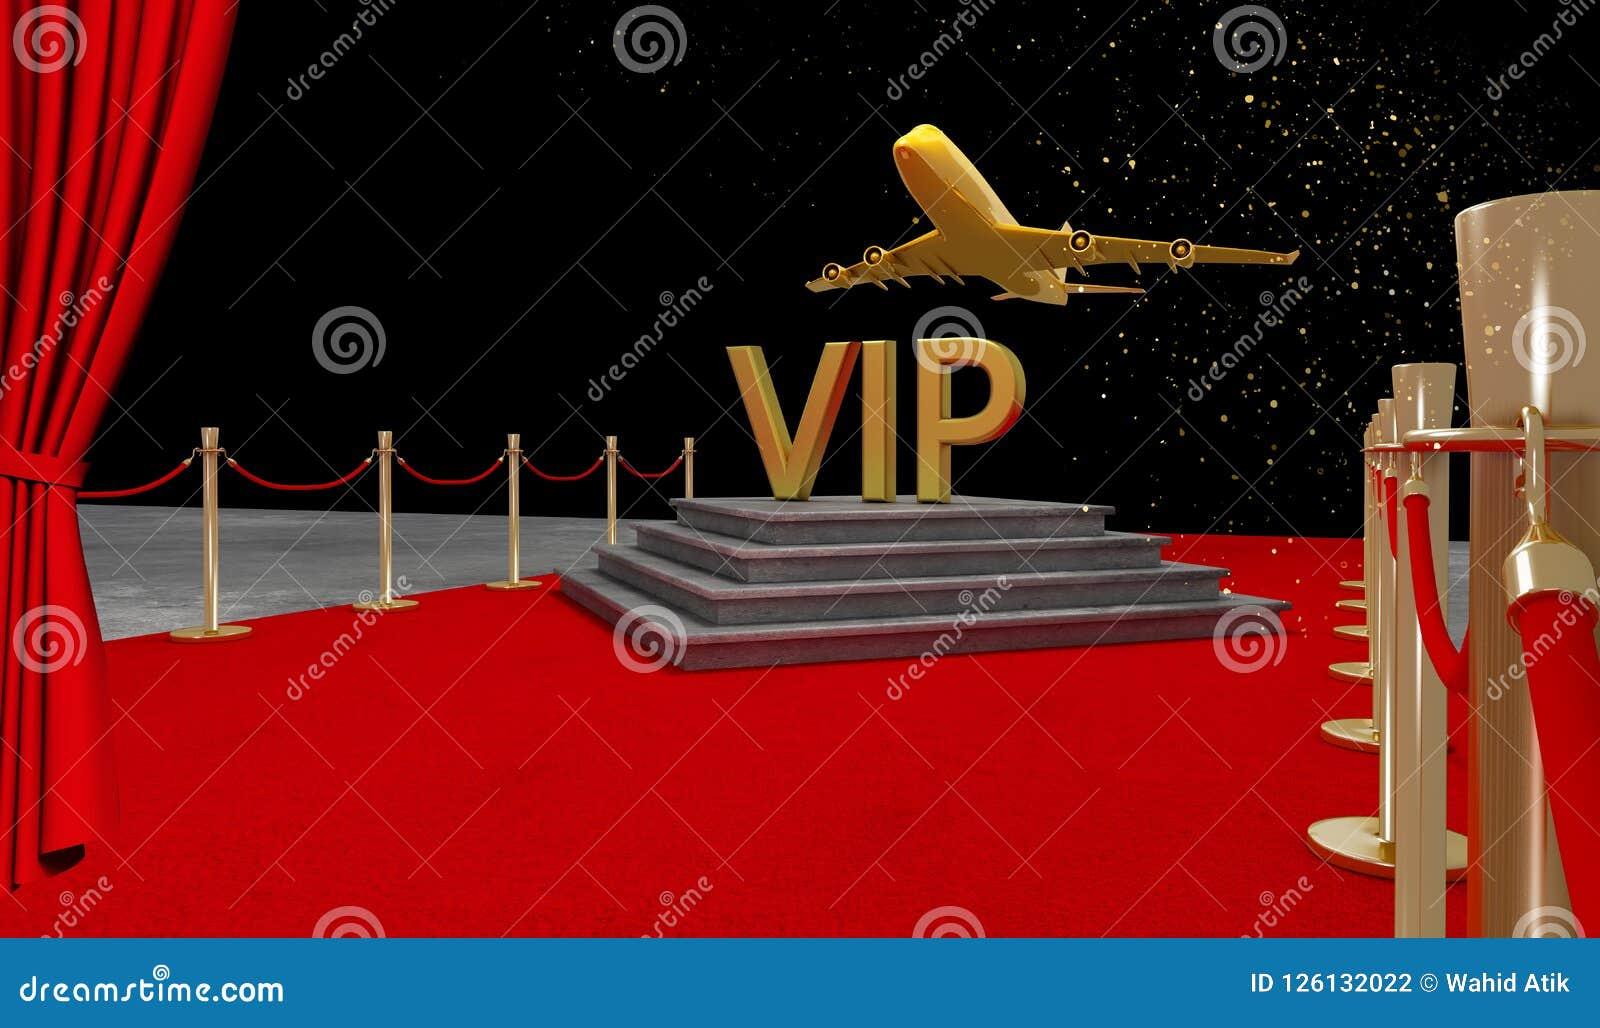 Jet privé de tapis rouge avec un luxe VIP